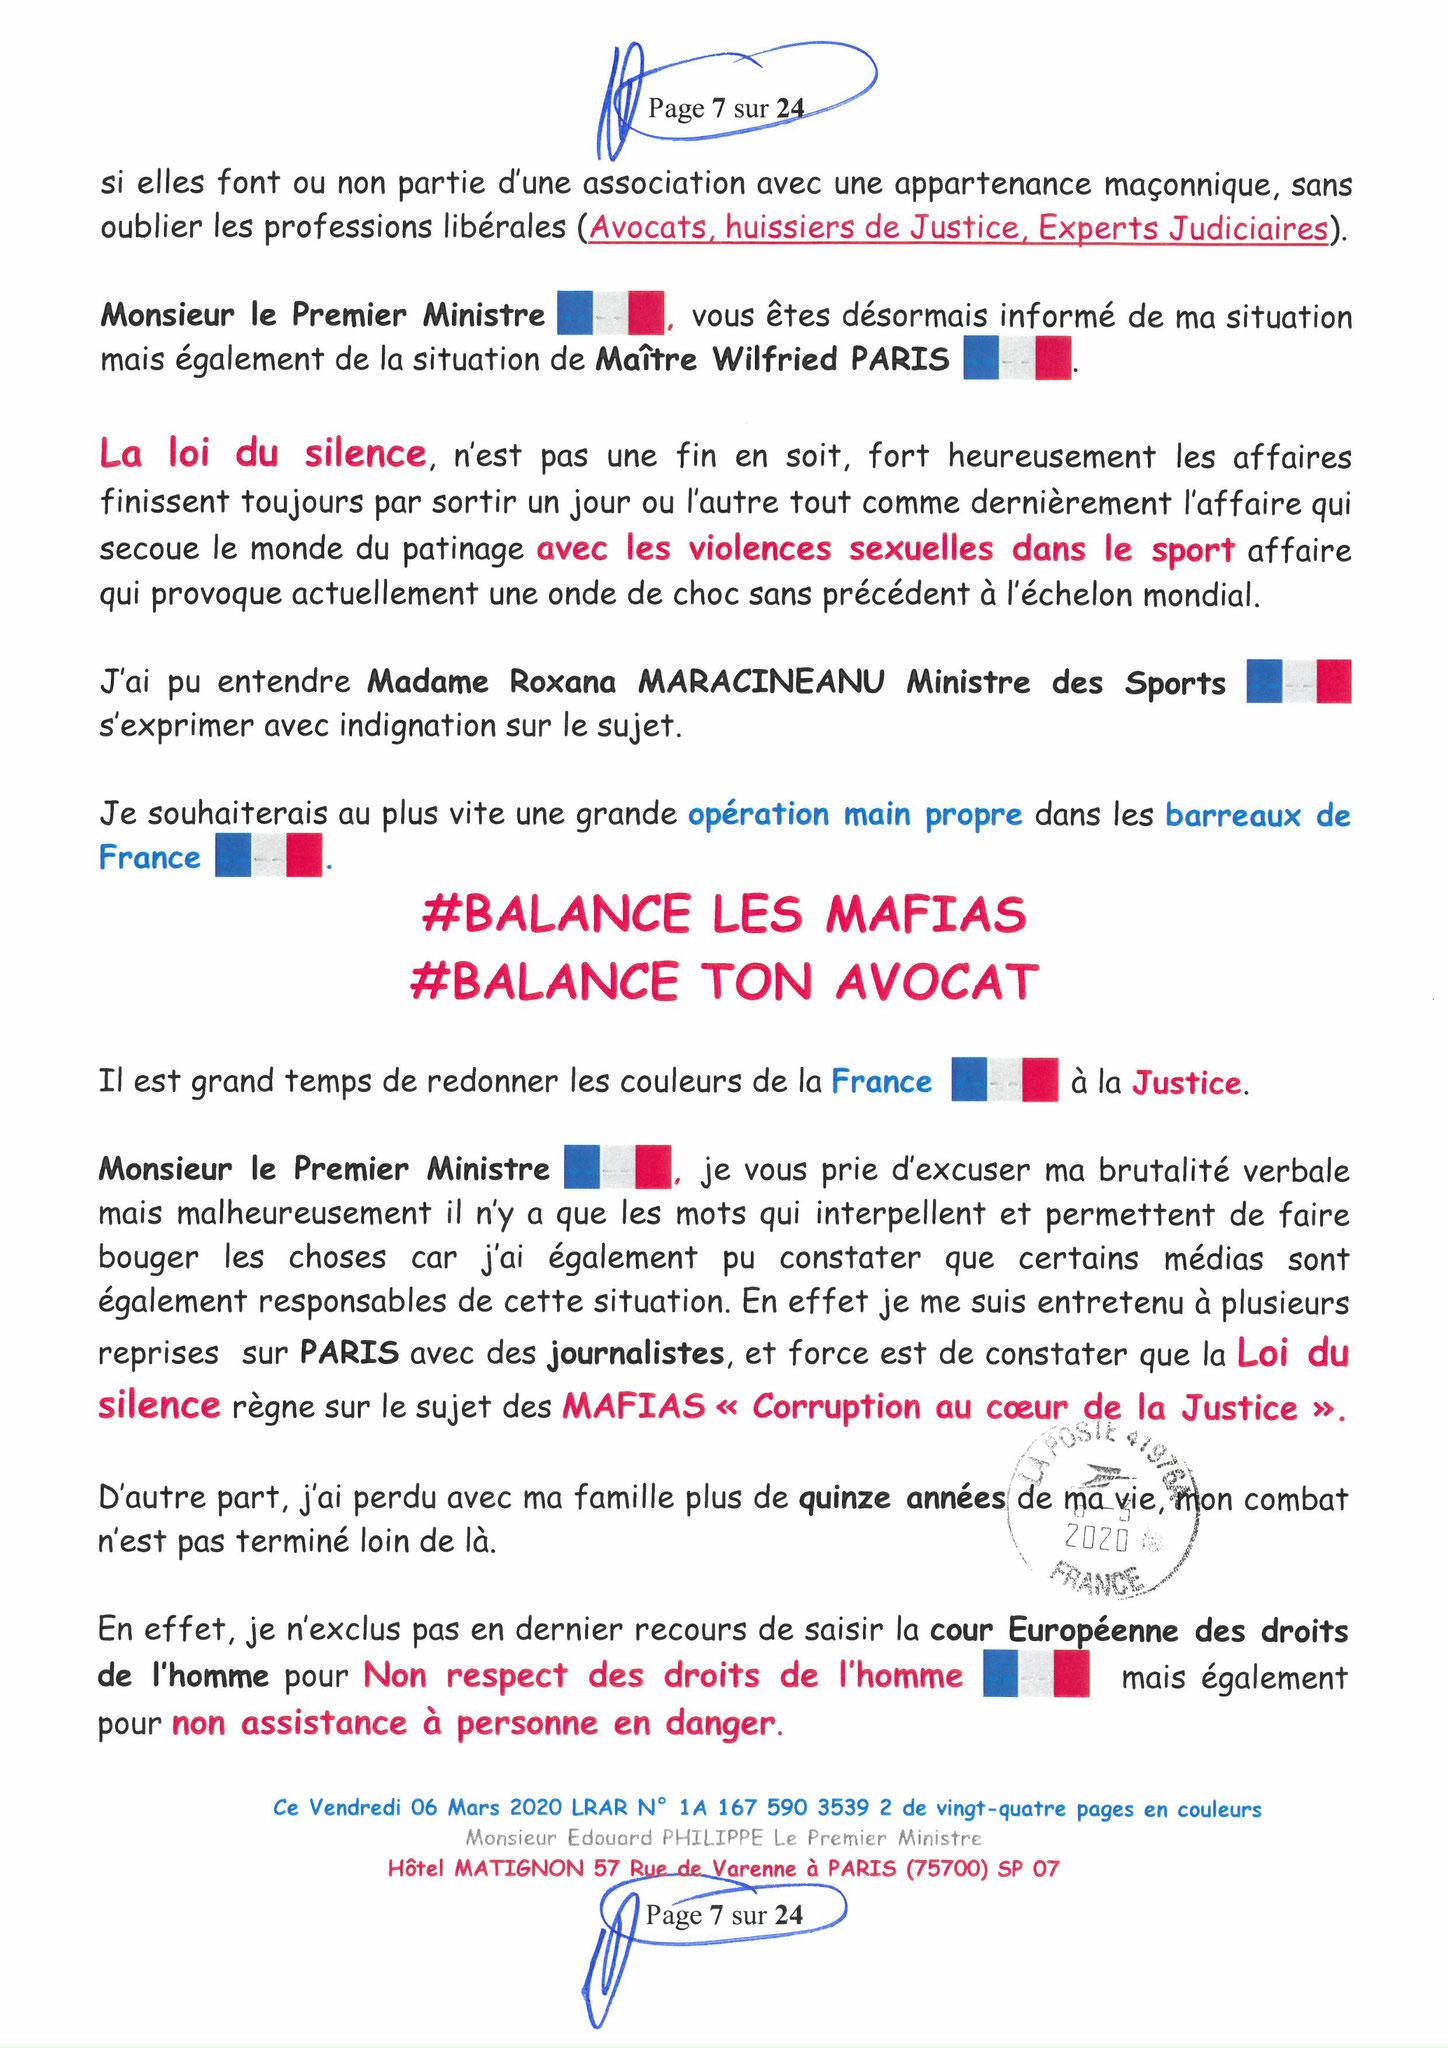 Ma LRAR à Monsieur le  Premier Ministre Edouard PHILIPPE N° 1A 167 590 3539 2 Page 7 sur 24 en Couleur du 06 Mars 2020  www.jesuispatrick.fr www.jesuisvictime.fr www.alerte-rouge-france.fr